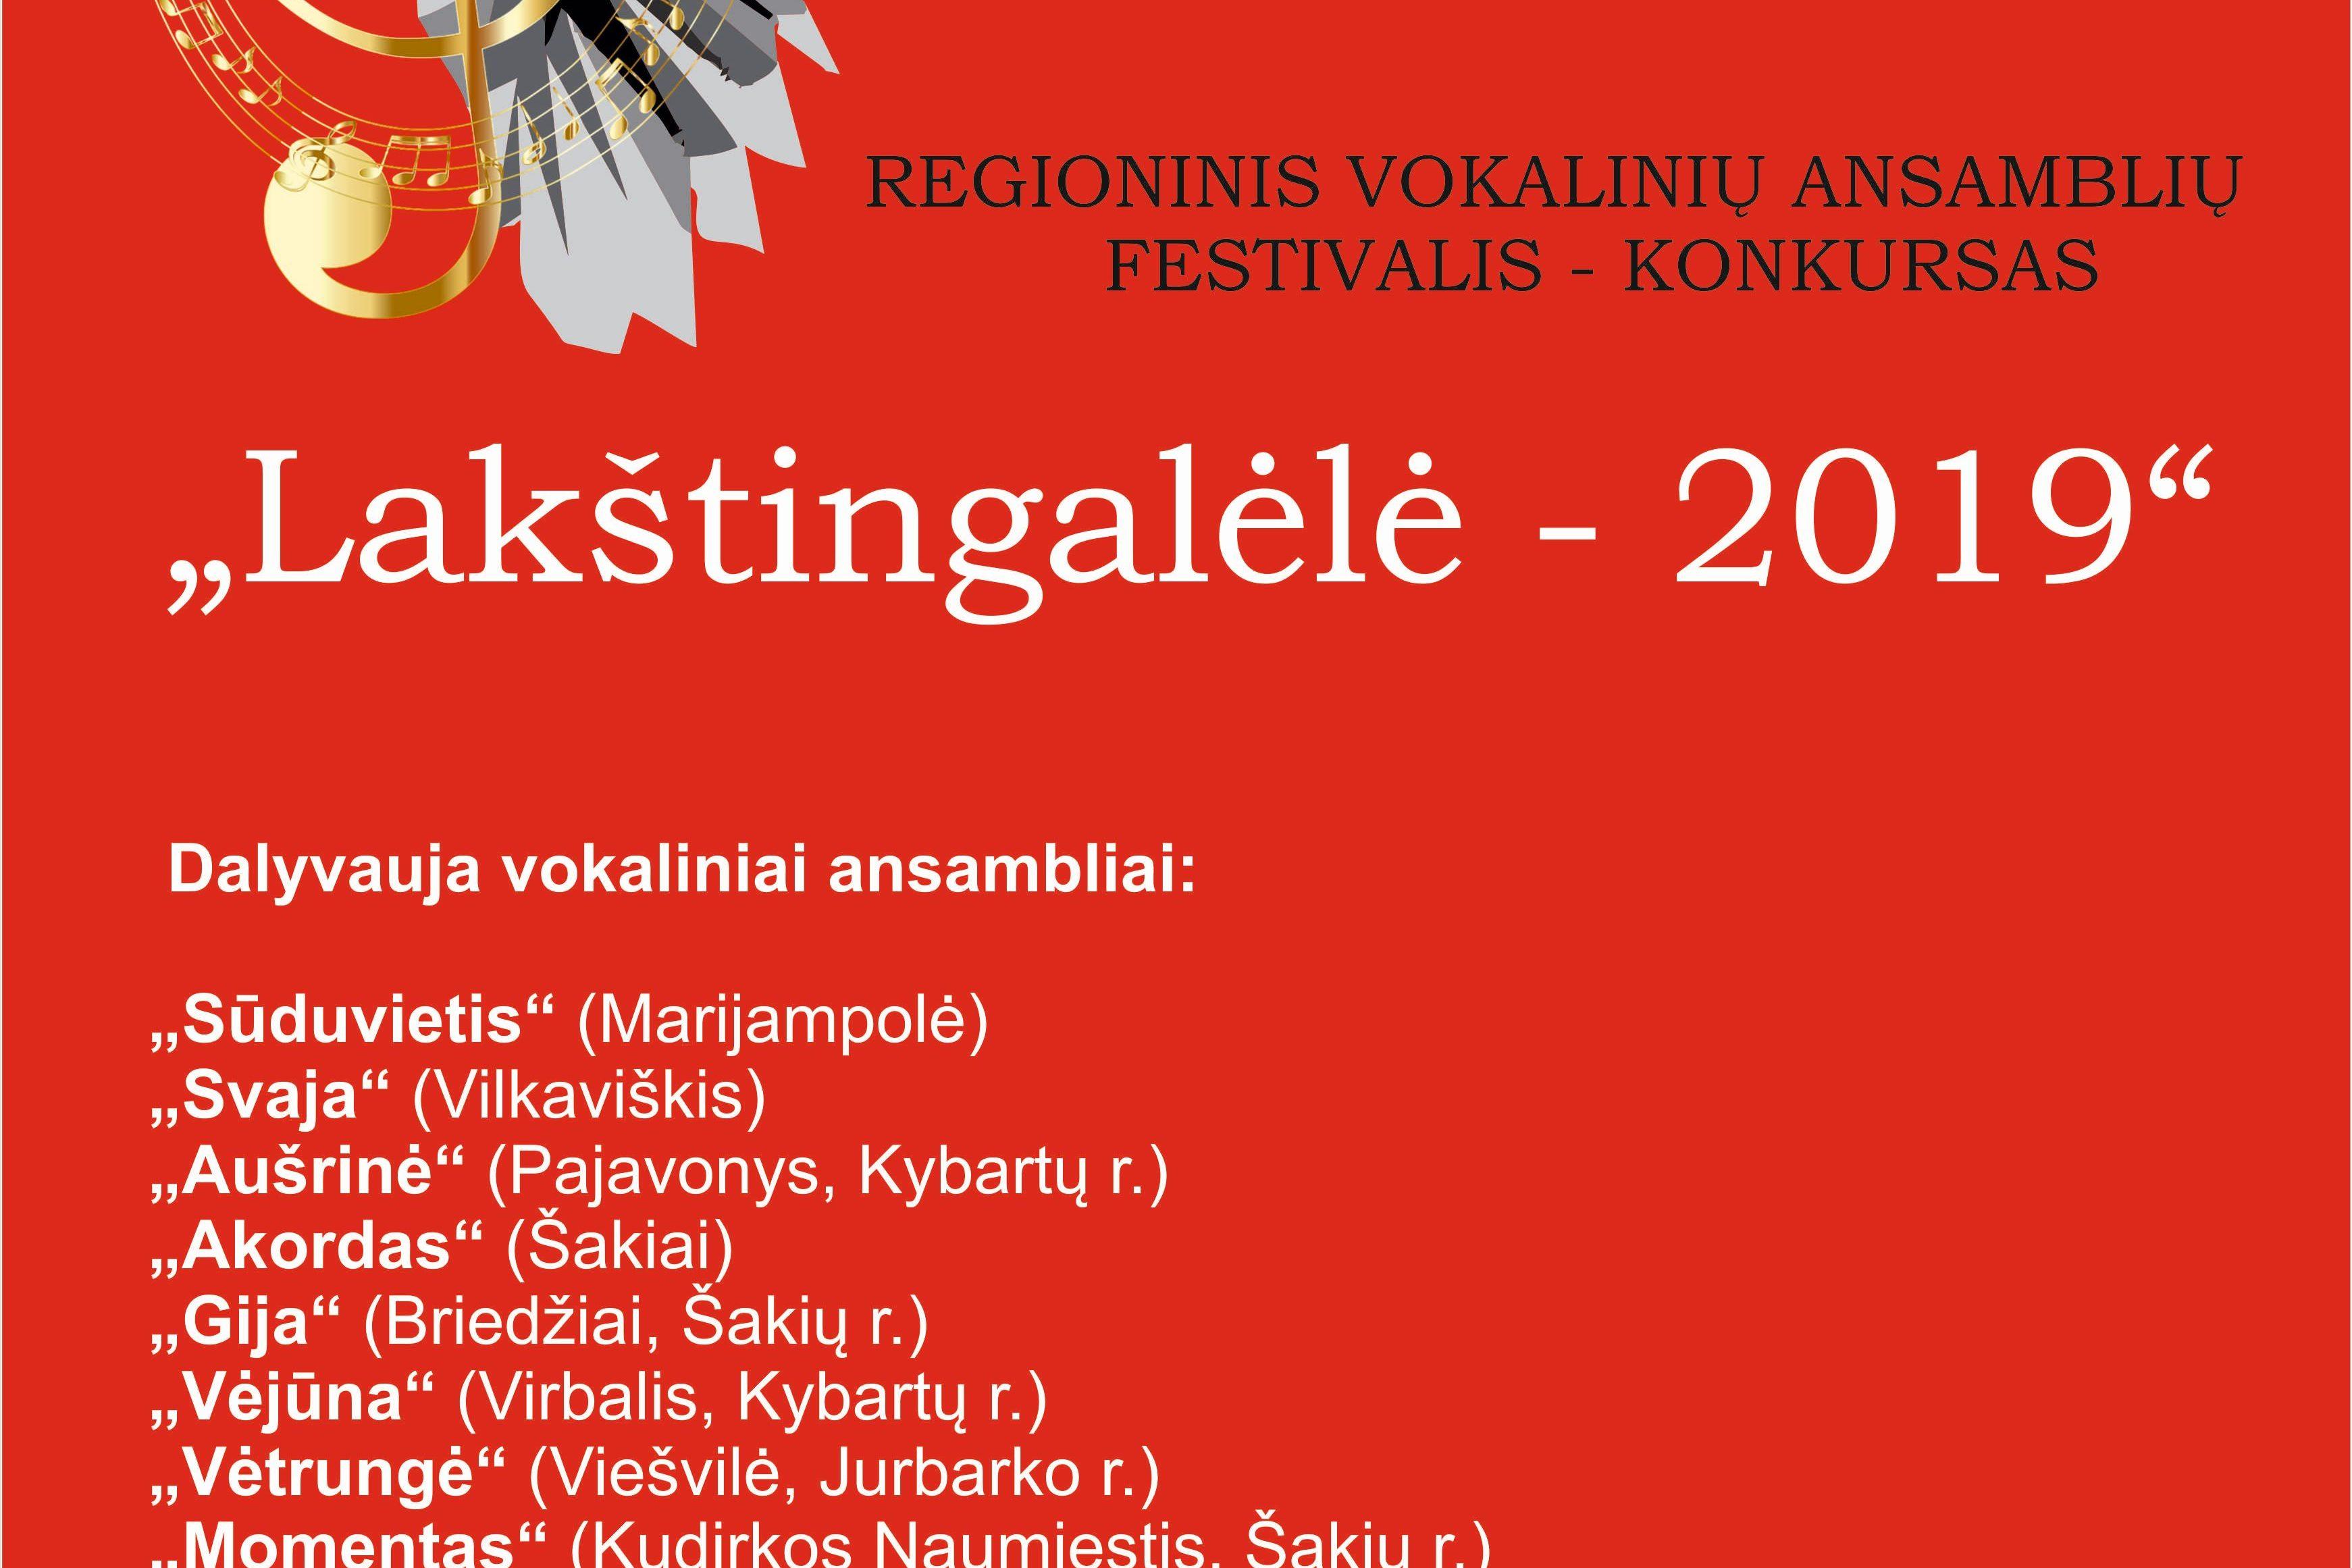 """Regioninis vokalinių ansamblių festivalis-konkursas ,,Lakštingalėlė 2019"""""""